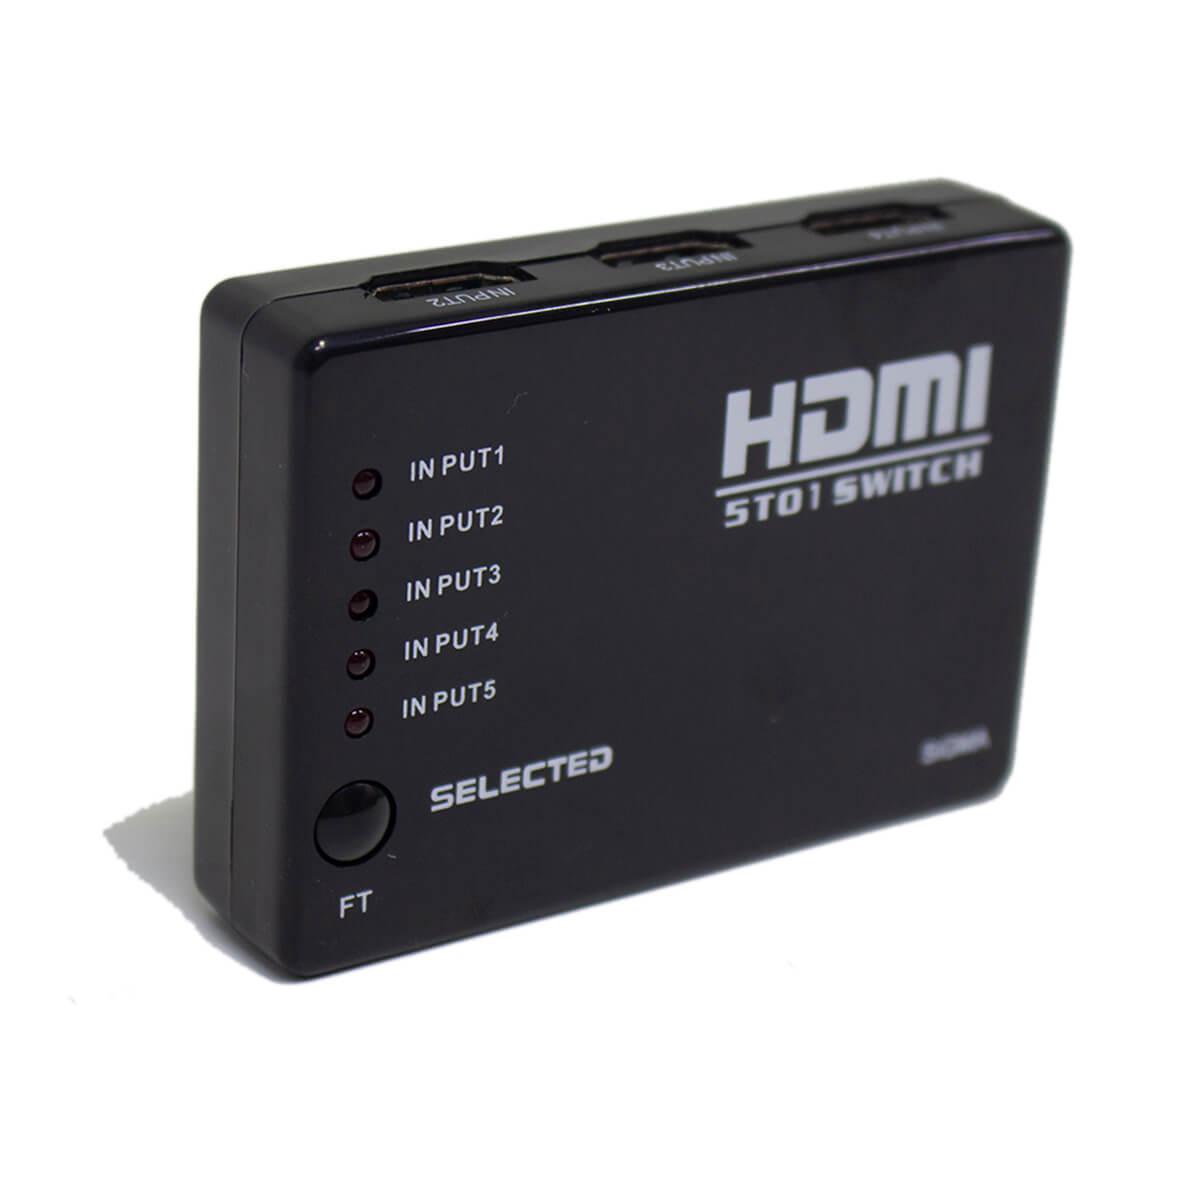 KIT Switch HDMI 5 Entradas e 1 Saída com Controle Remoto e Fonte de Energia + 6 Cabos hdmi de 1 Metro CBX-H10SM